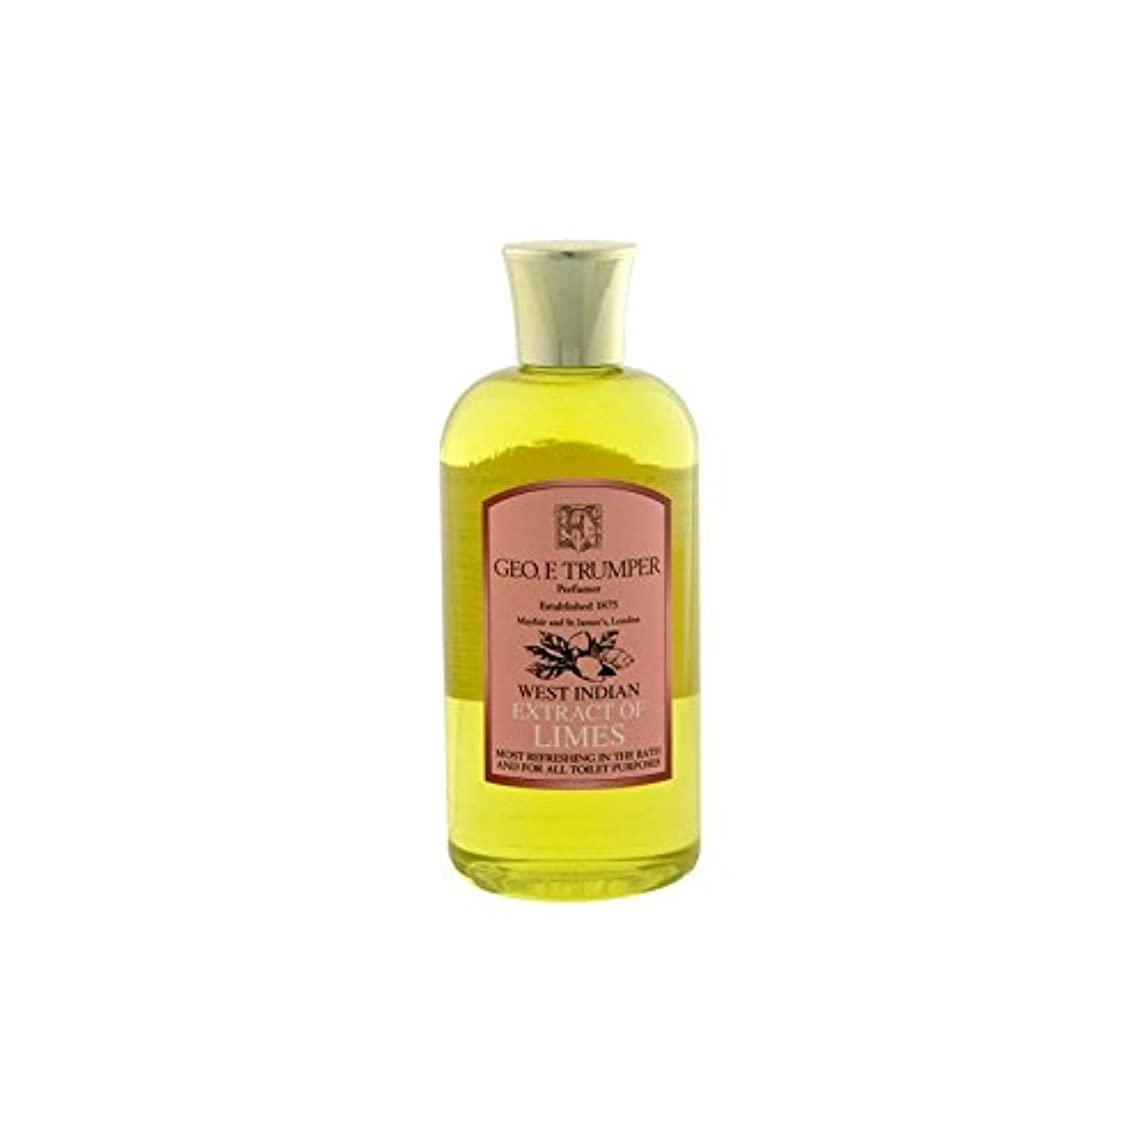 カード結果として試用ライムのバス&シャワージェル - 500ミリリットル旅 x4 - Trumpers Limes Bath & Shower Gel - 500ml Travel (Pack of 4) [並行輸入品]